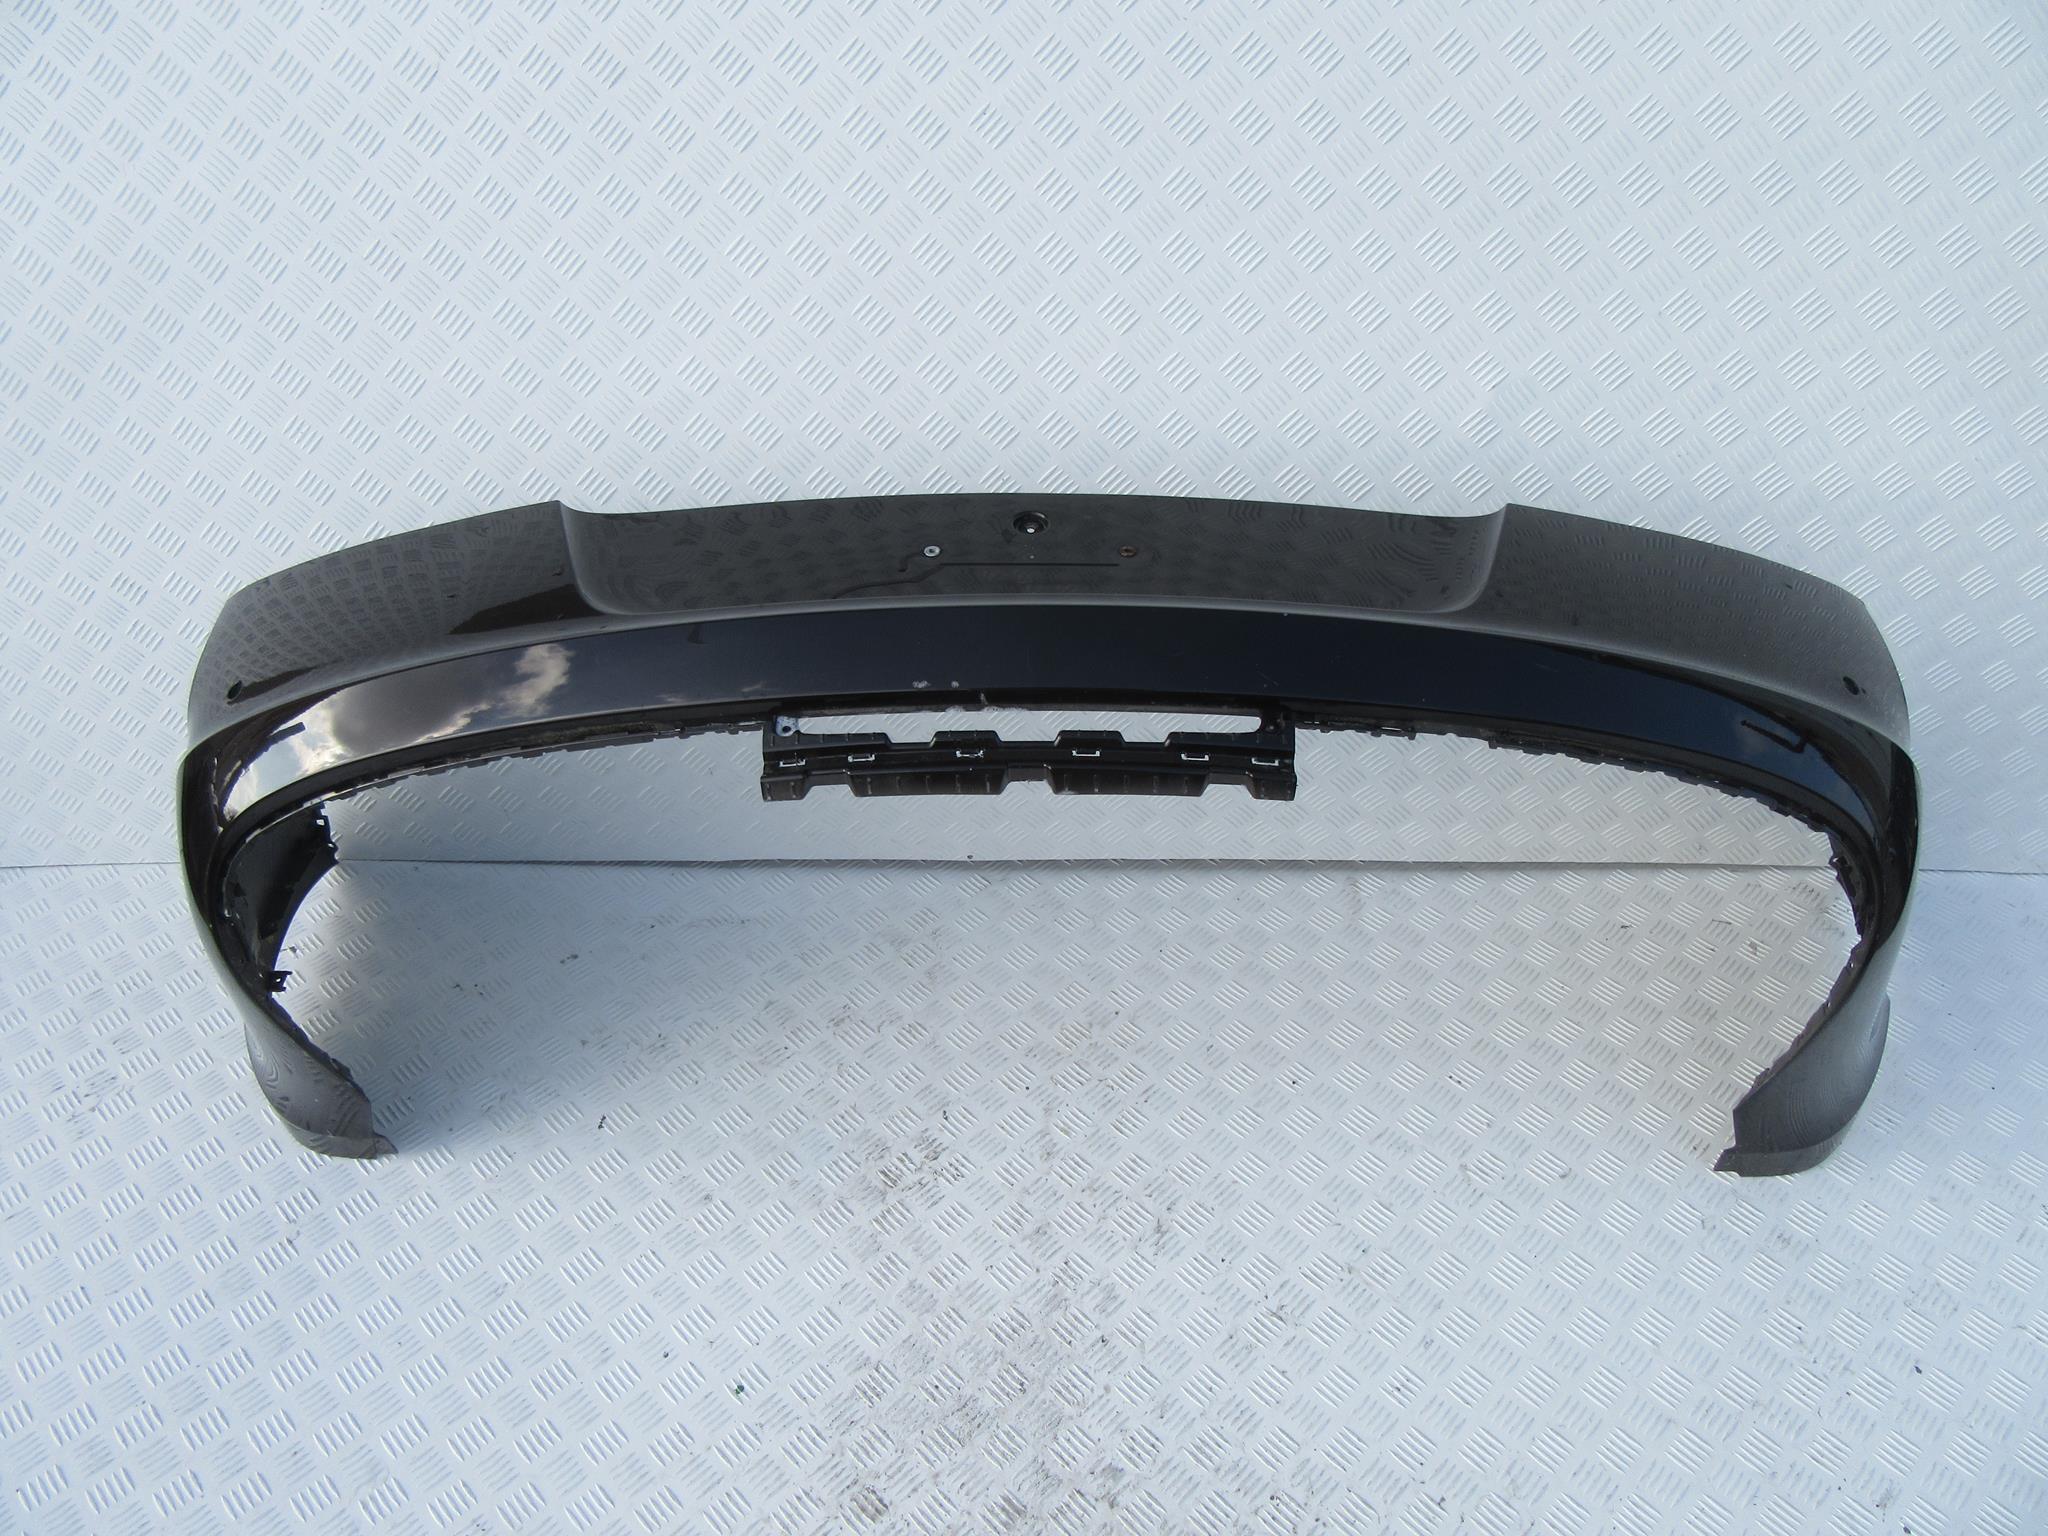 bentley continental gt gtc купе бампер сзади задняя панель